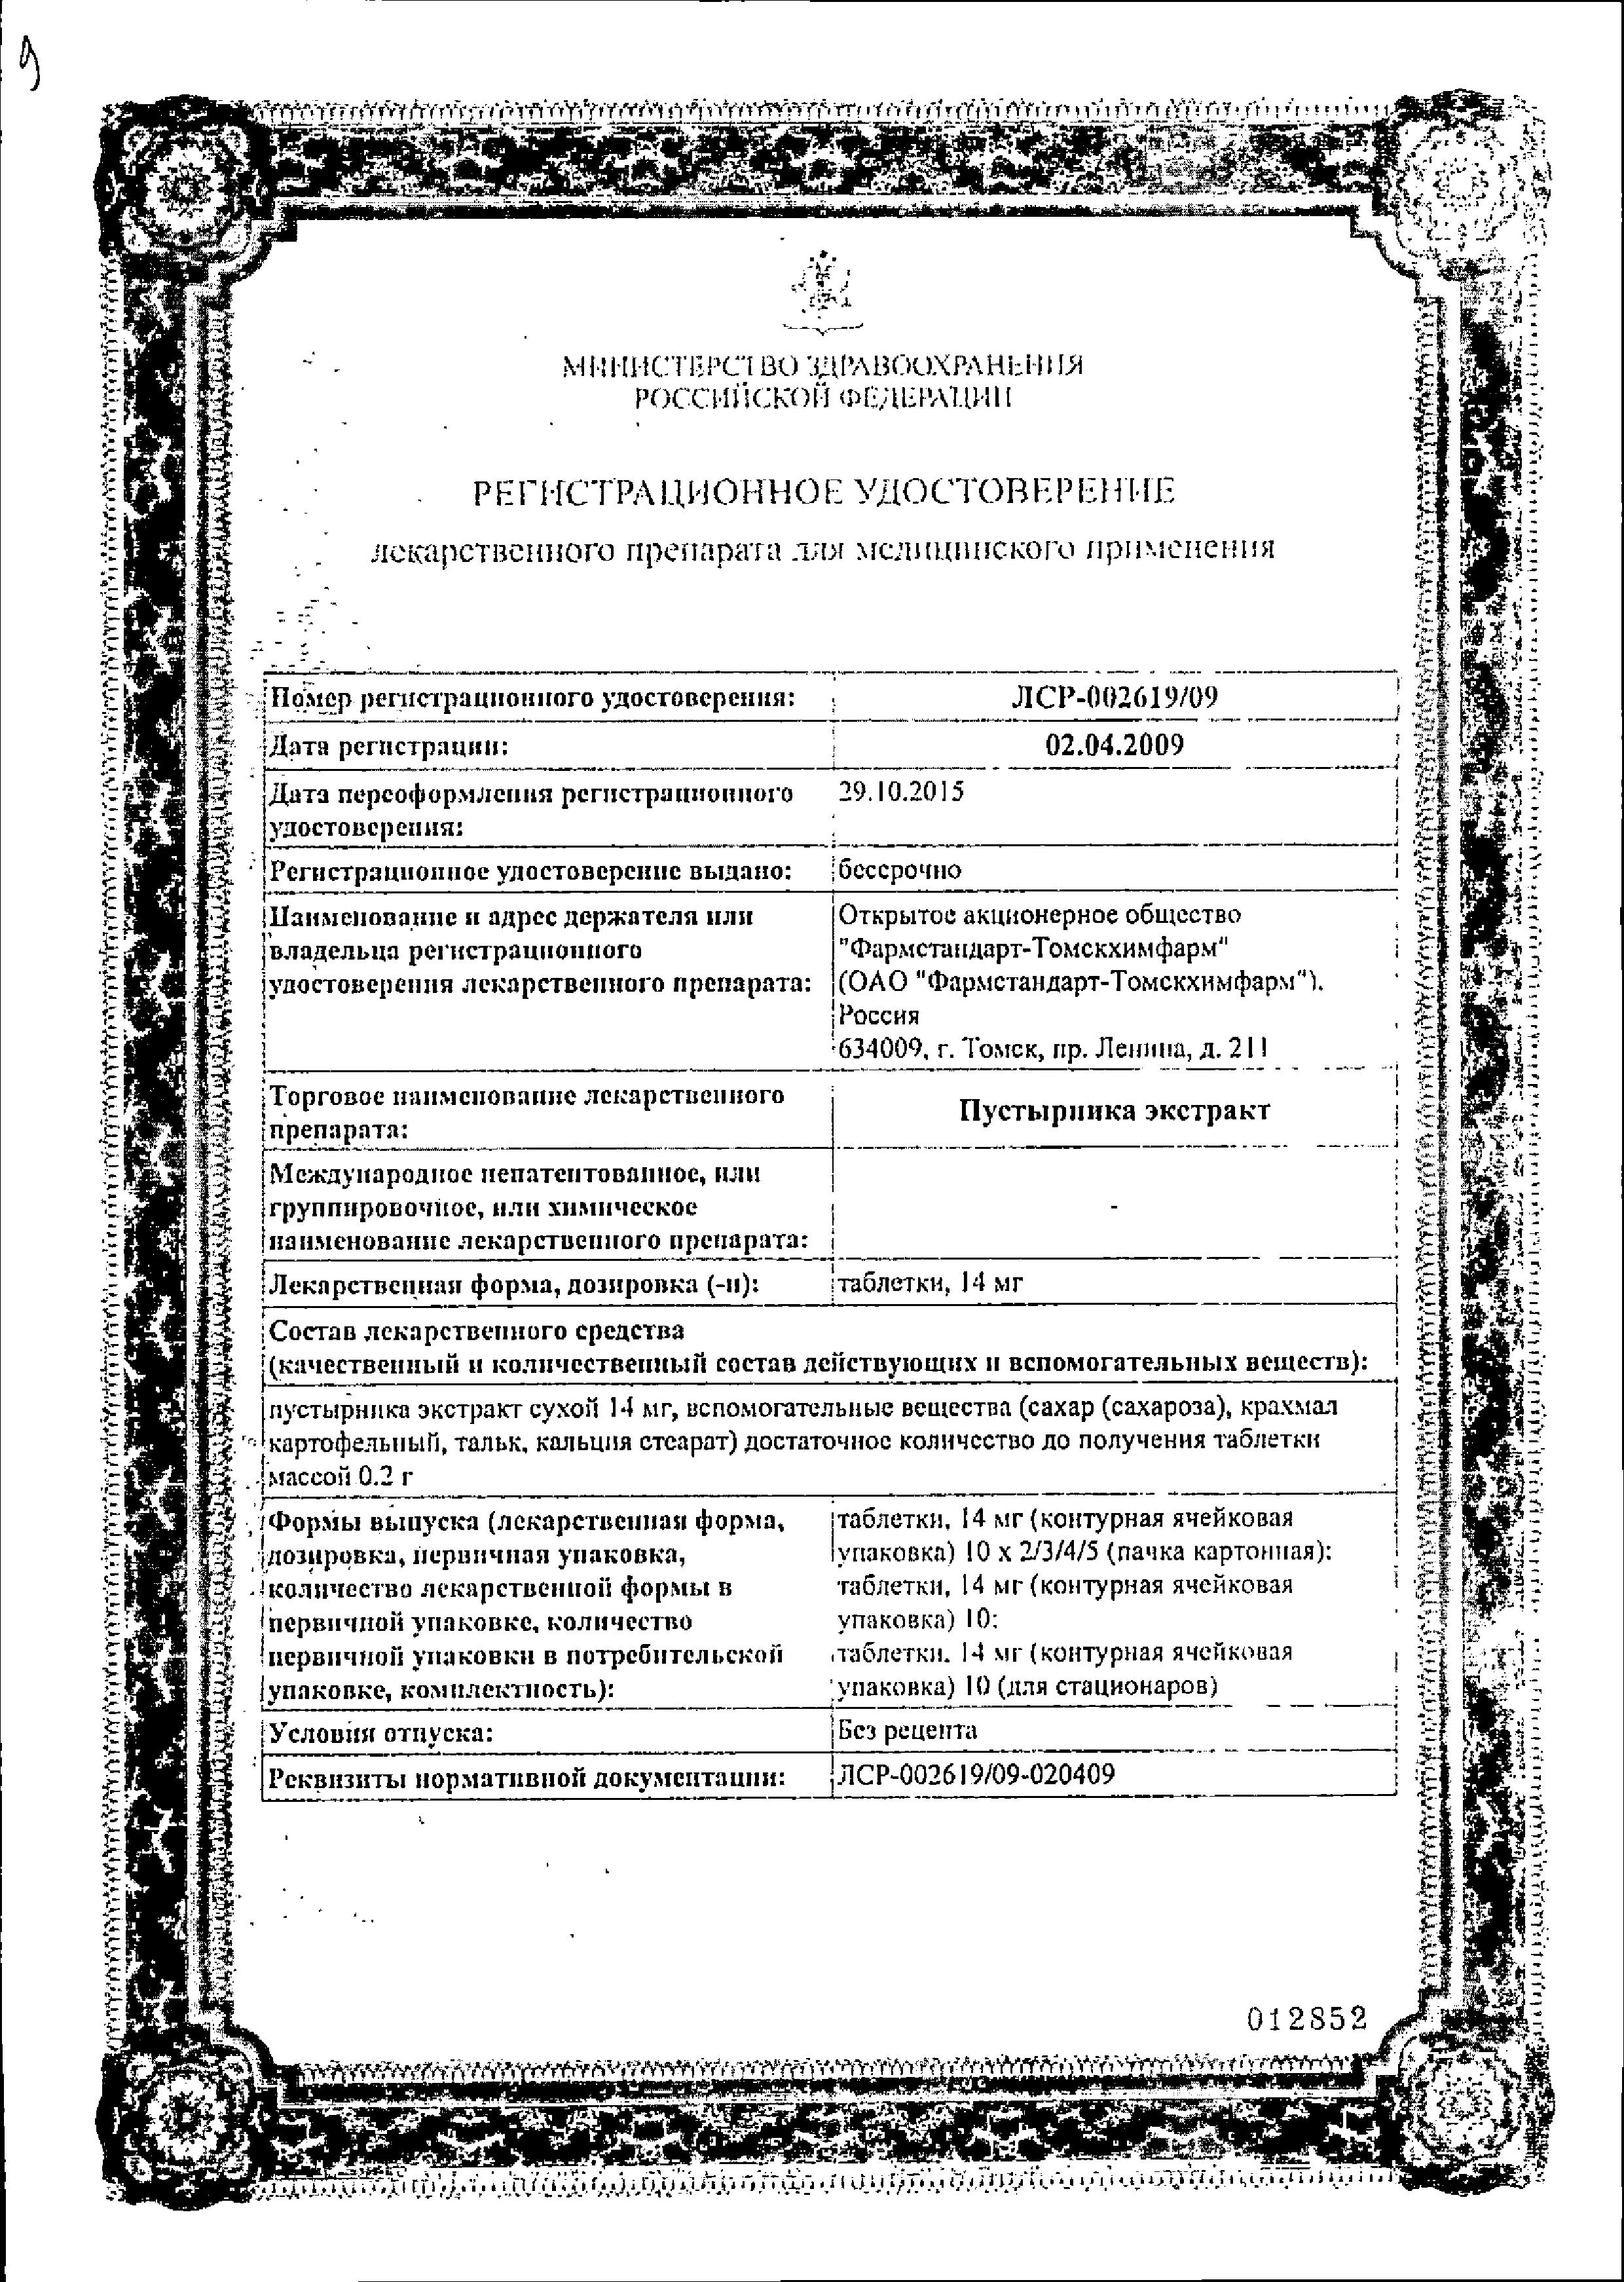 Пустырника экстракт сертификат